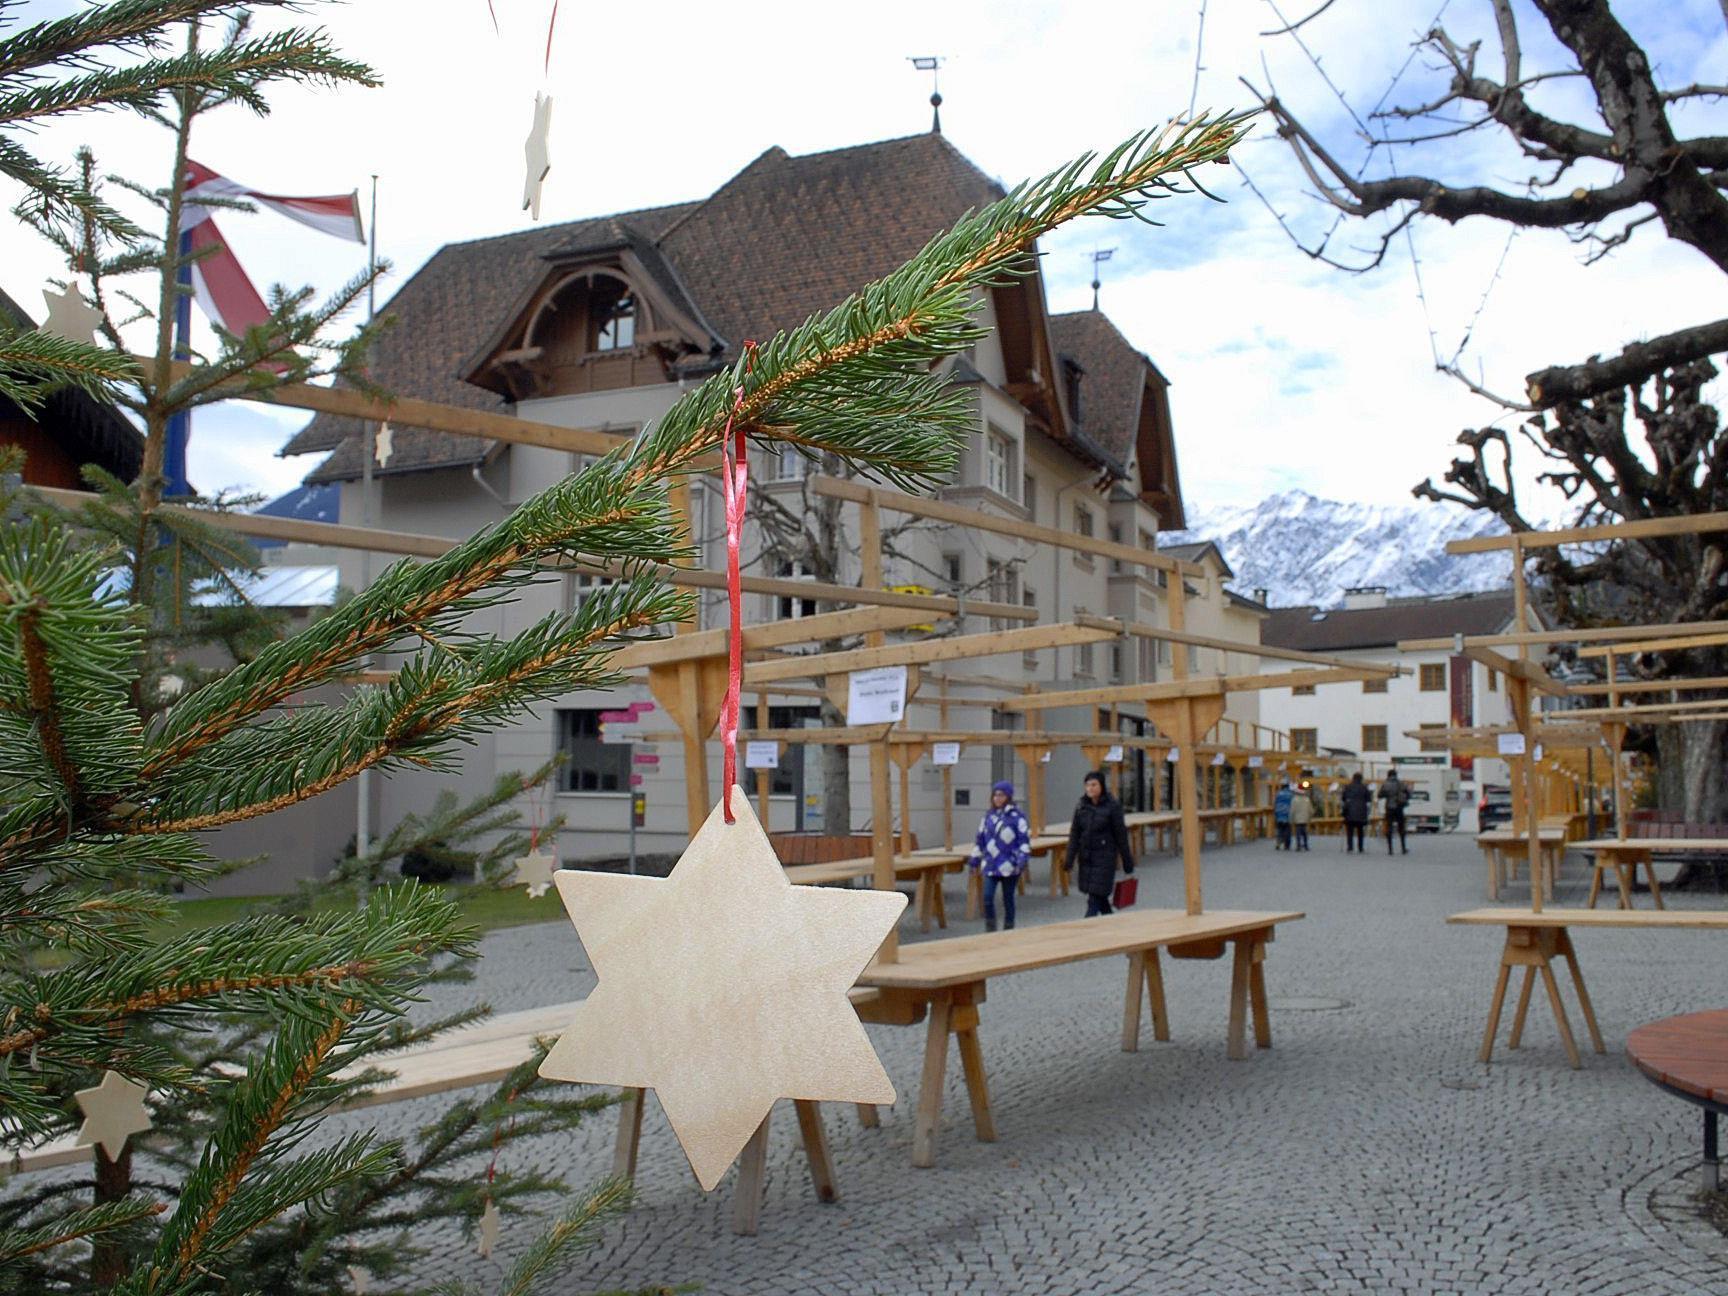 """Schruns erwartet am """"Silbriga Sonntig"""" einen großen Besucherandrang beim Weihnachtsmarkt."""